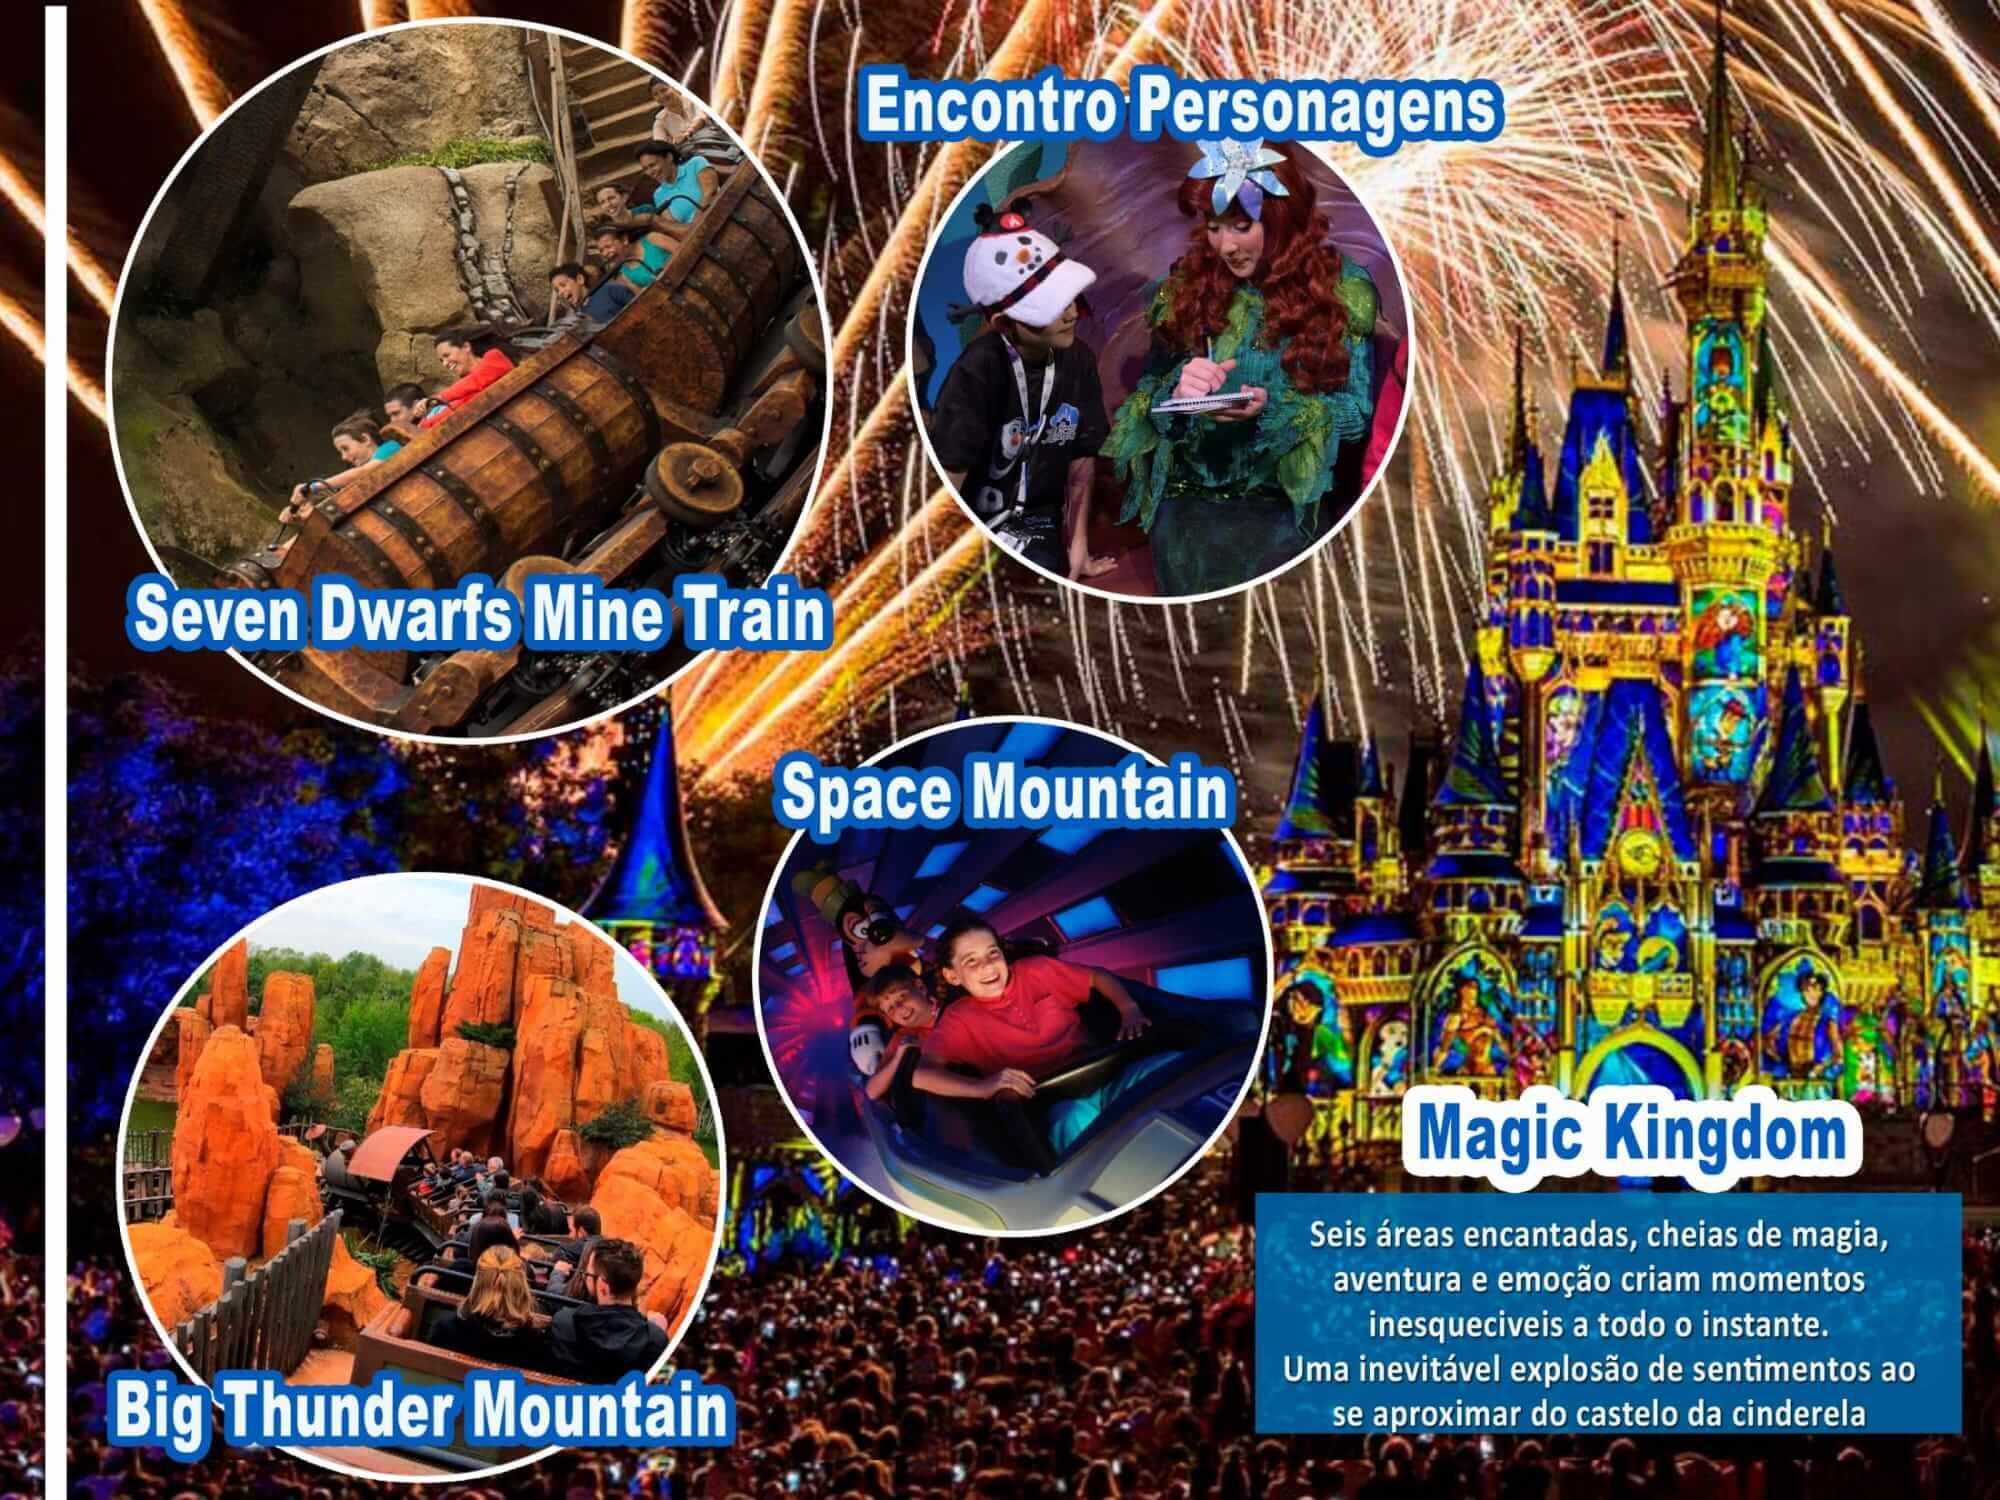 10 Curiosidades e Segredos do Parque Magic kingdom 16